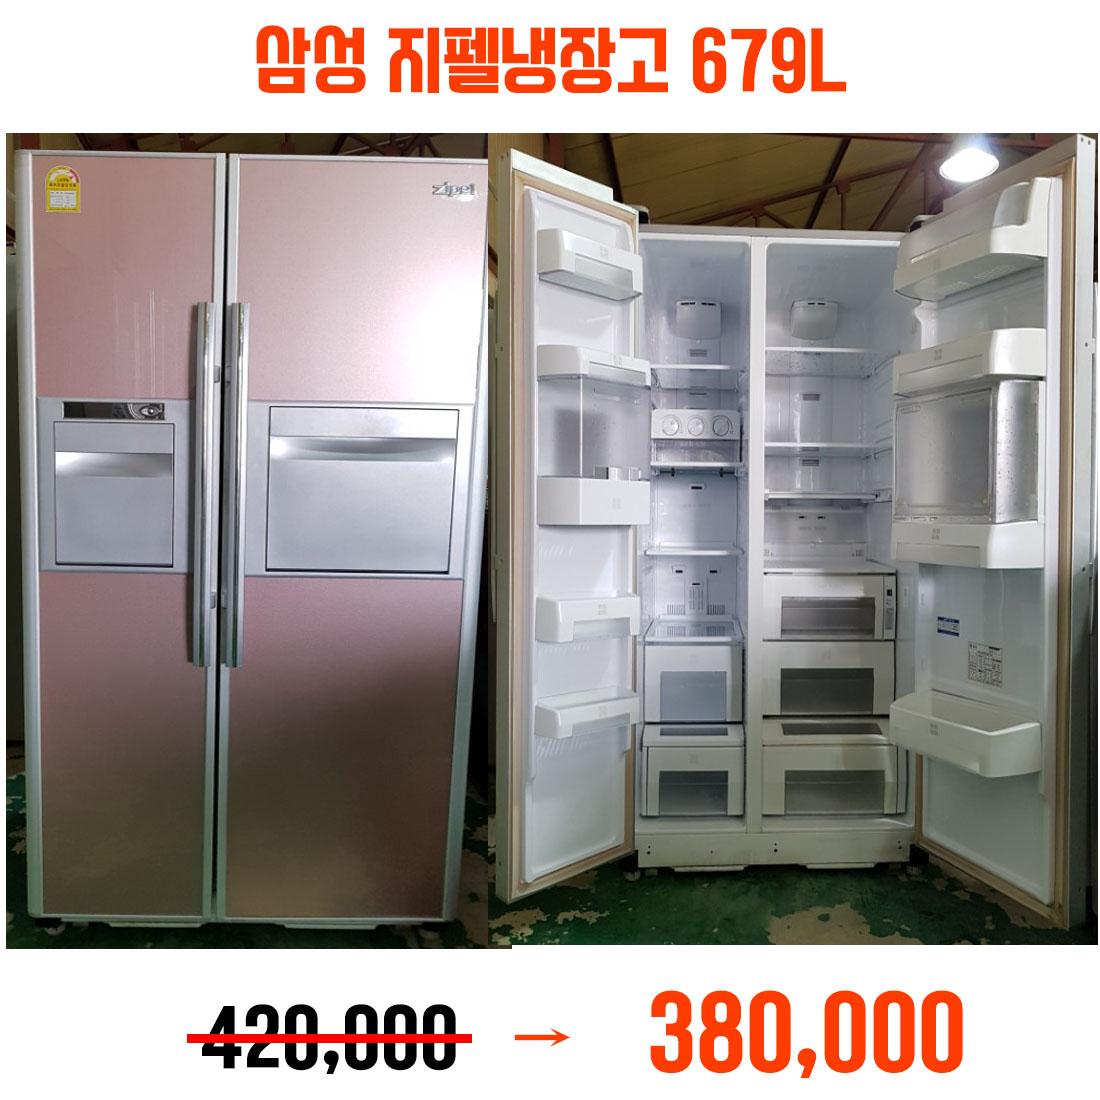 삼성 삼성지펠냉장고, 냉장고